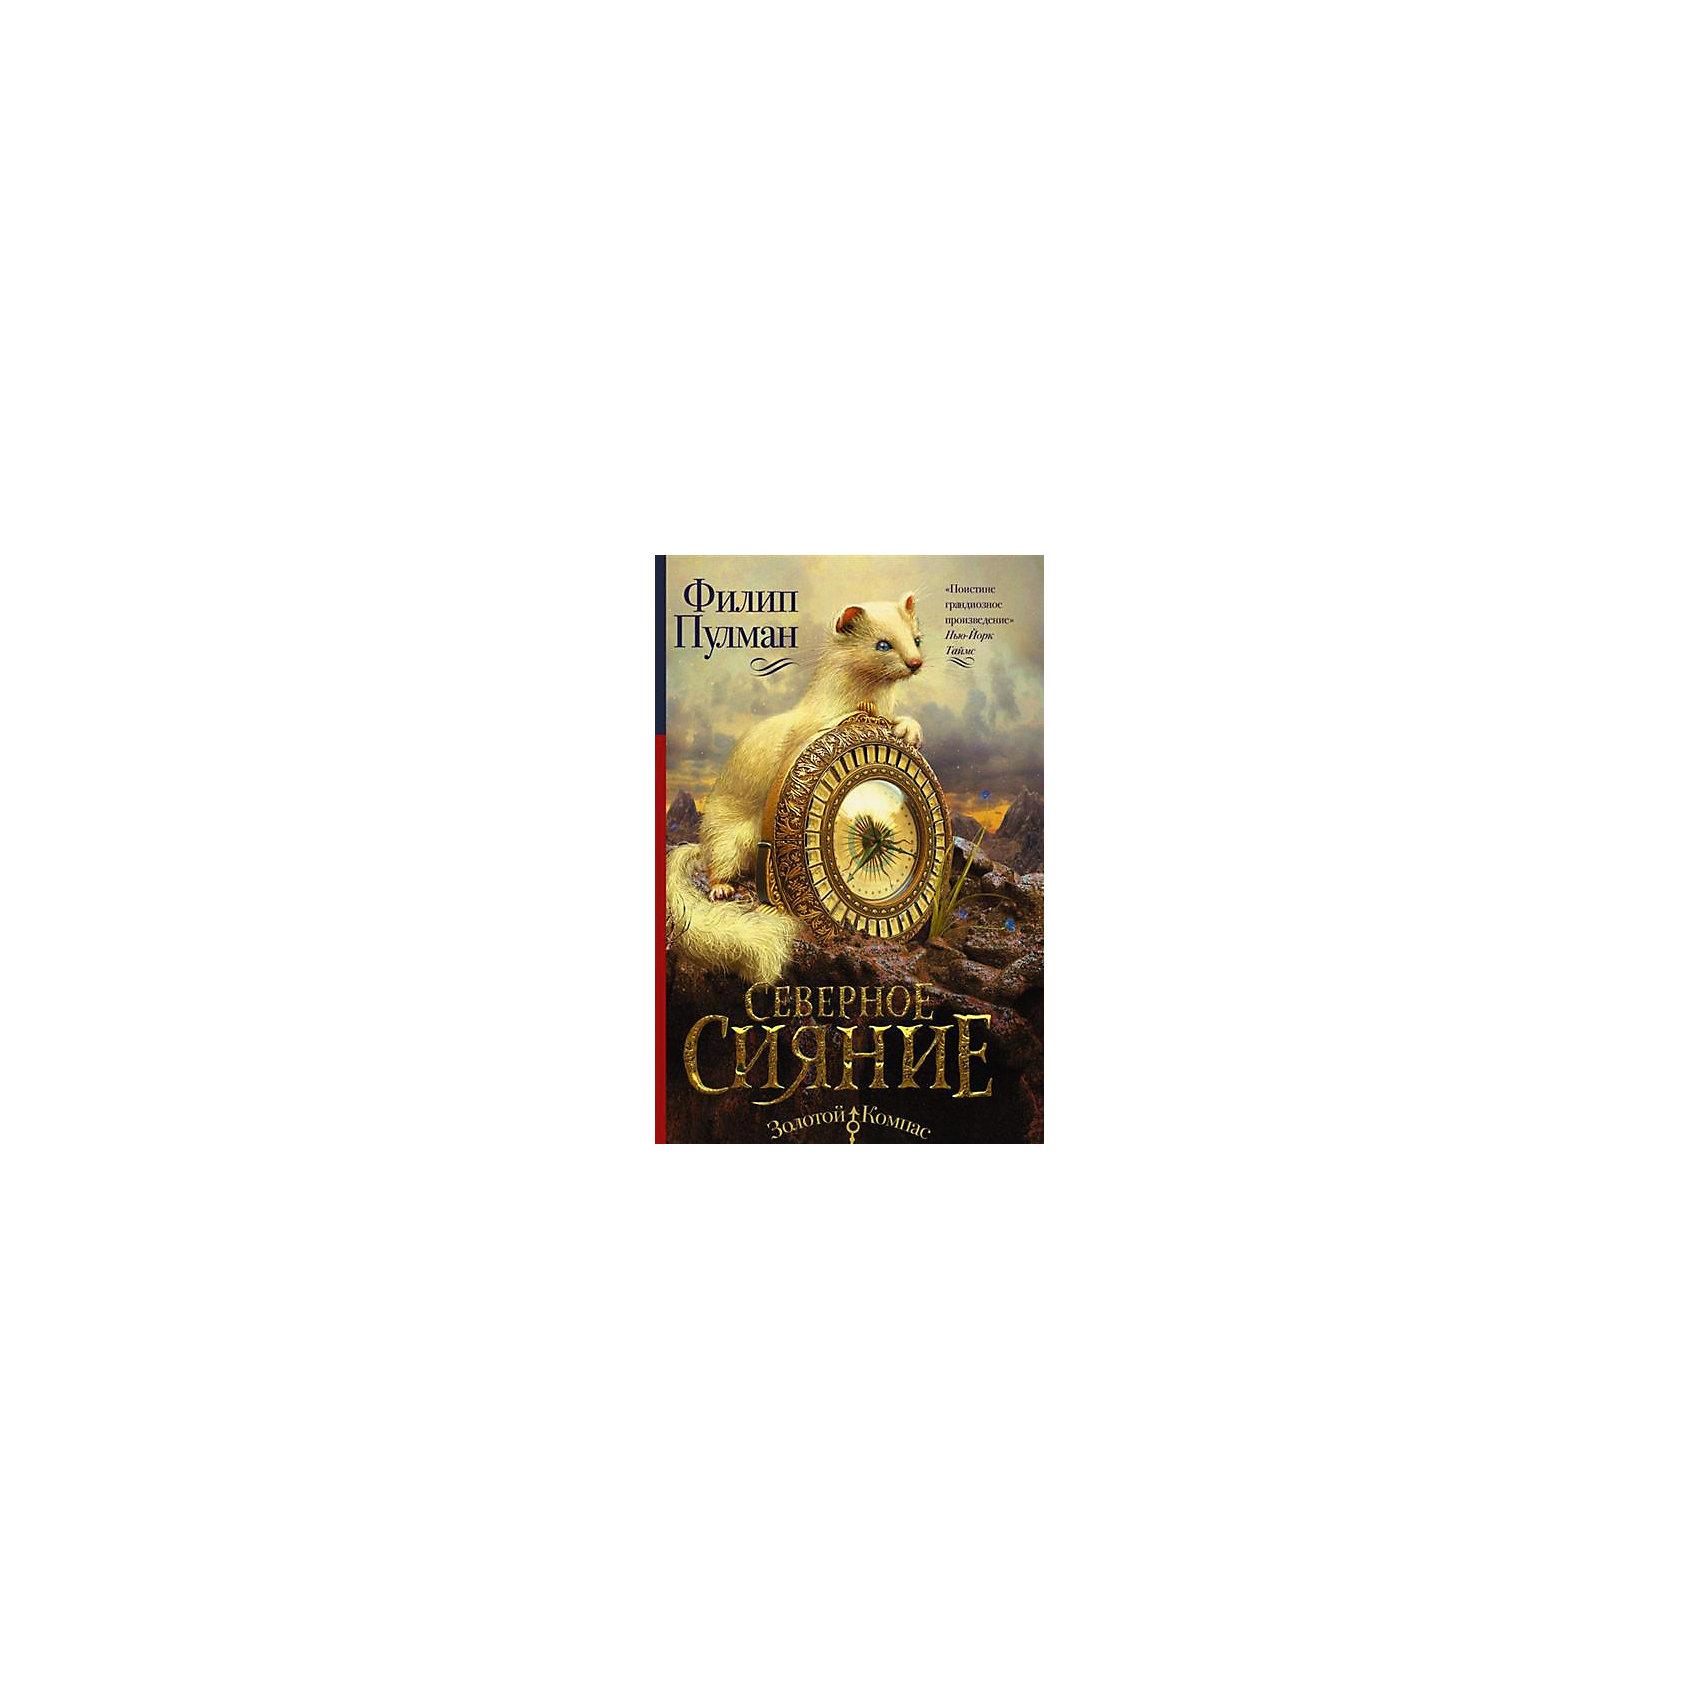 Северное сияние, Ф. ПулманРассказы и повести<br>• ISBN:9785170928934;<br>• возраст: от 7 лет;<br>• иллюстрации: цветные;<br>• обложка: твердая;<br>• бумага: офсет;<br>• количество страниц: 416;<br>• формат: 21х14х1,6 см.;<br>• вес: 480 гр.;<br>• автор: Пулман Филип;<br>• издательство:  АСТ;<br>• страна: Россия.<br><br>«Северное сияние» -  захватывающая история о верной дружбе, невероятных приключений и загадочных преступлениях не оставят равнодушного ни одного ребенка.<br><br>Двенадцатилетняя сирота Лира Белаква вместе со своим деймоном Пантелеймоном живет в Оксфорде. Ее дядя - могущественный лорд Азриэл - приезжает в колледж для того, чтобы организовать экспедицию на Север. Цель его поездки - выяснить происхождение загадочной «пыли», которую можно увидеть на фотографиях, снятых в этих местах.<br>Вскоре после отъезда дяди таинственные «жрецы» похищают друга Лиры, мальчика-слугу. Ходят жуткие легенды о том, что они забирают детей на далекий Север.<br>Девочка отправляется на поиски своего друга, и в этом путешествии ей открываются тайны о собственной семье и о судьбе, которая ждет ее на морозных землях...<br><br>Книга отлично подойдет в качестве подарка и для собственного чтения.  <br><br>«Северное сияние», 416 стр., авт. Пулман Филип, Изд. АСТ, можно купить в нашем интернет-магазине.<br><br>Ширина мм: 212<br>Глубина мм: 138<br>Высота мм: 160<br>Вес г: 486<br>Возраст от месяцев: 84<br>Возраст до месяцев: 2147483647<br>Пол: Унисекс<br>Возраст: Детский<br>SKU: 6848385